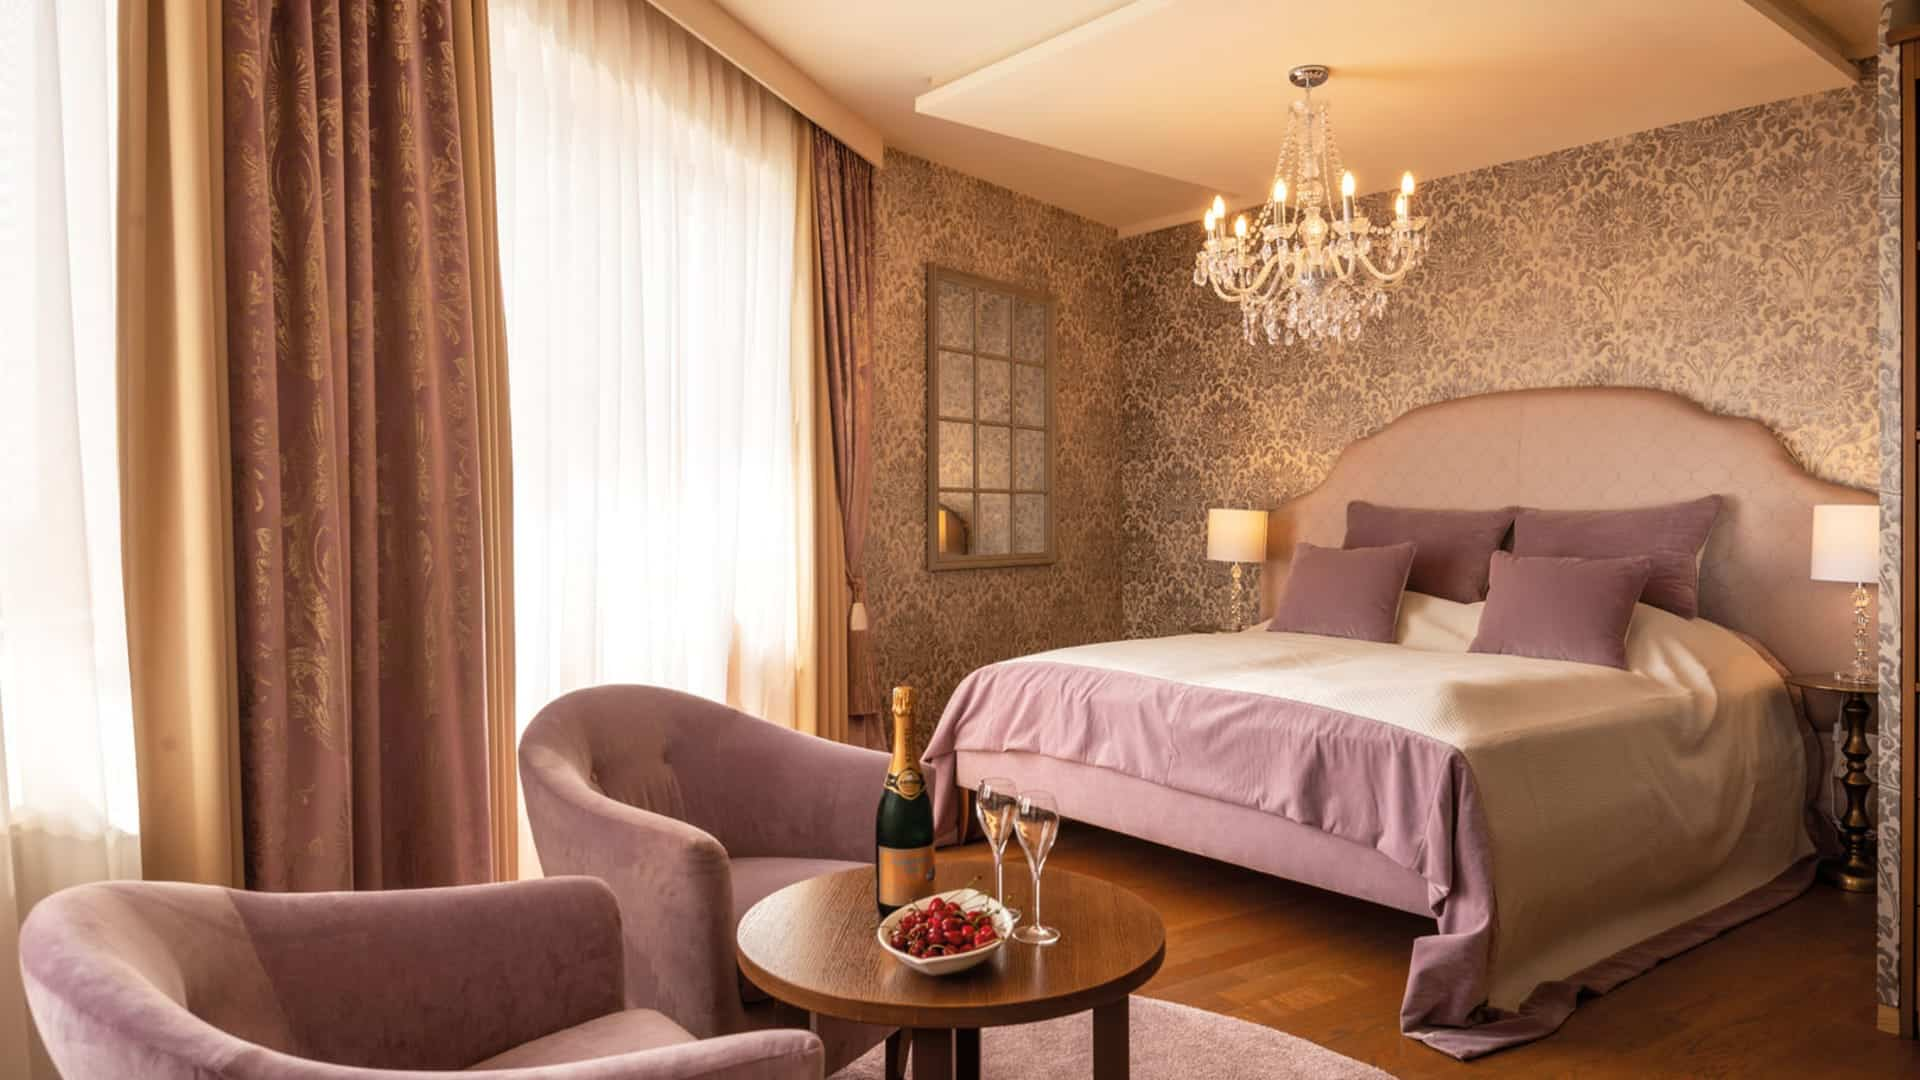 Romantik Schlafzimmer im Hotel Larimar